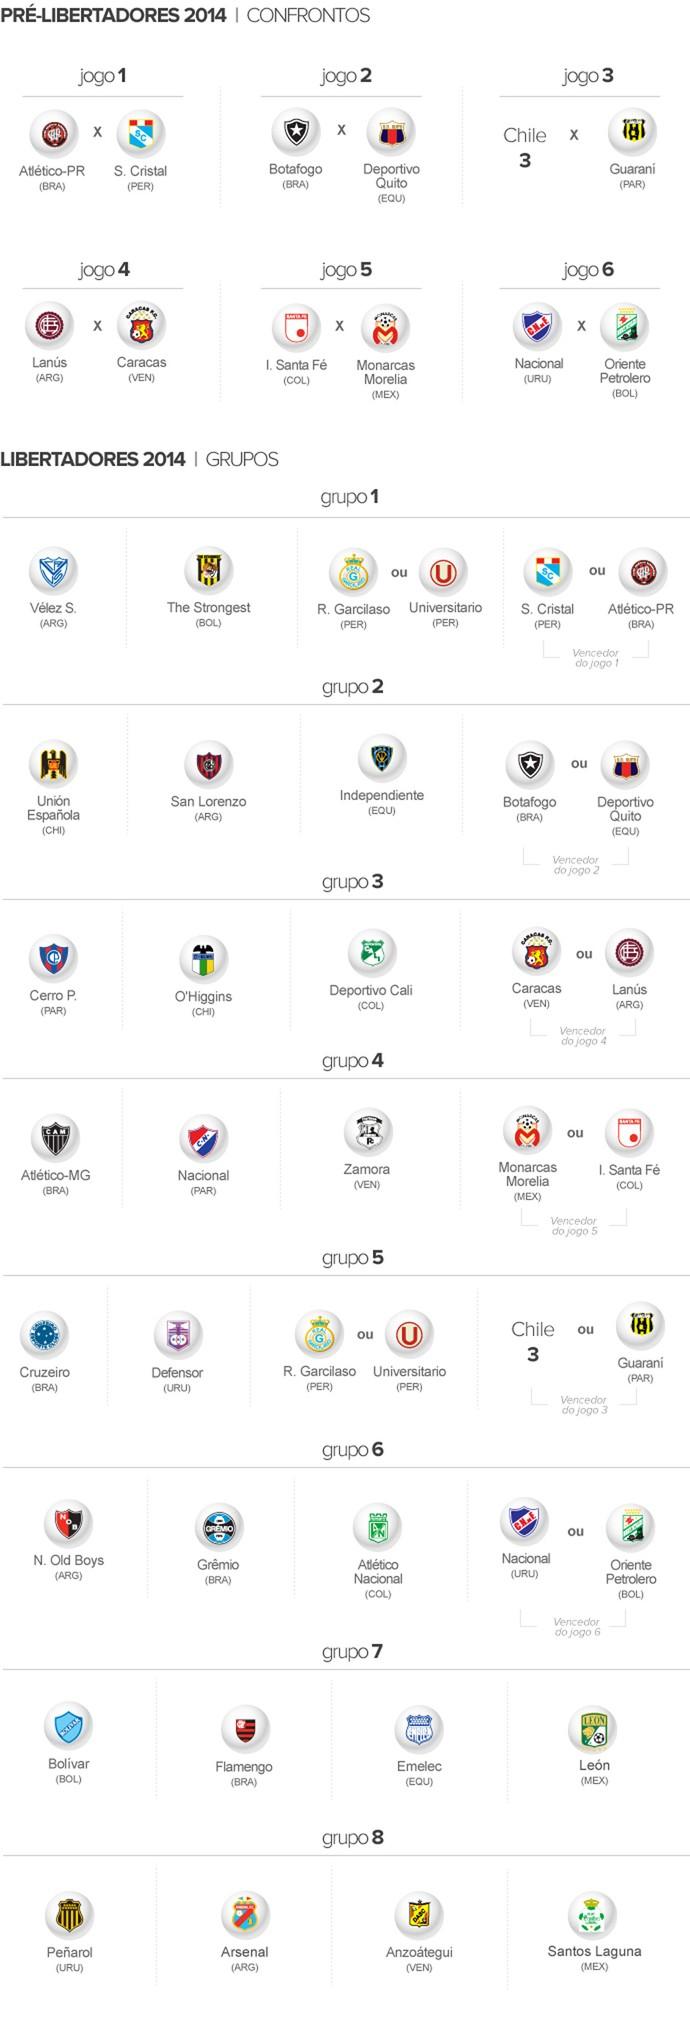 INFO grupos Libertadores 940 (Foto: Editoria de Arte)